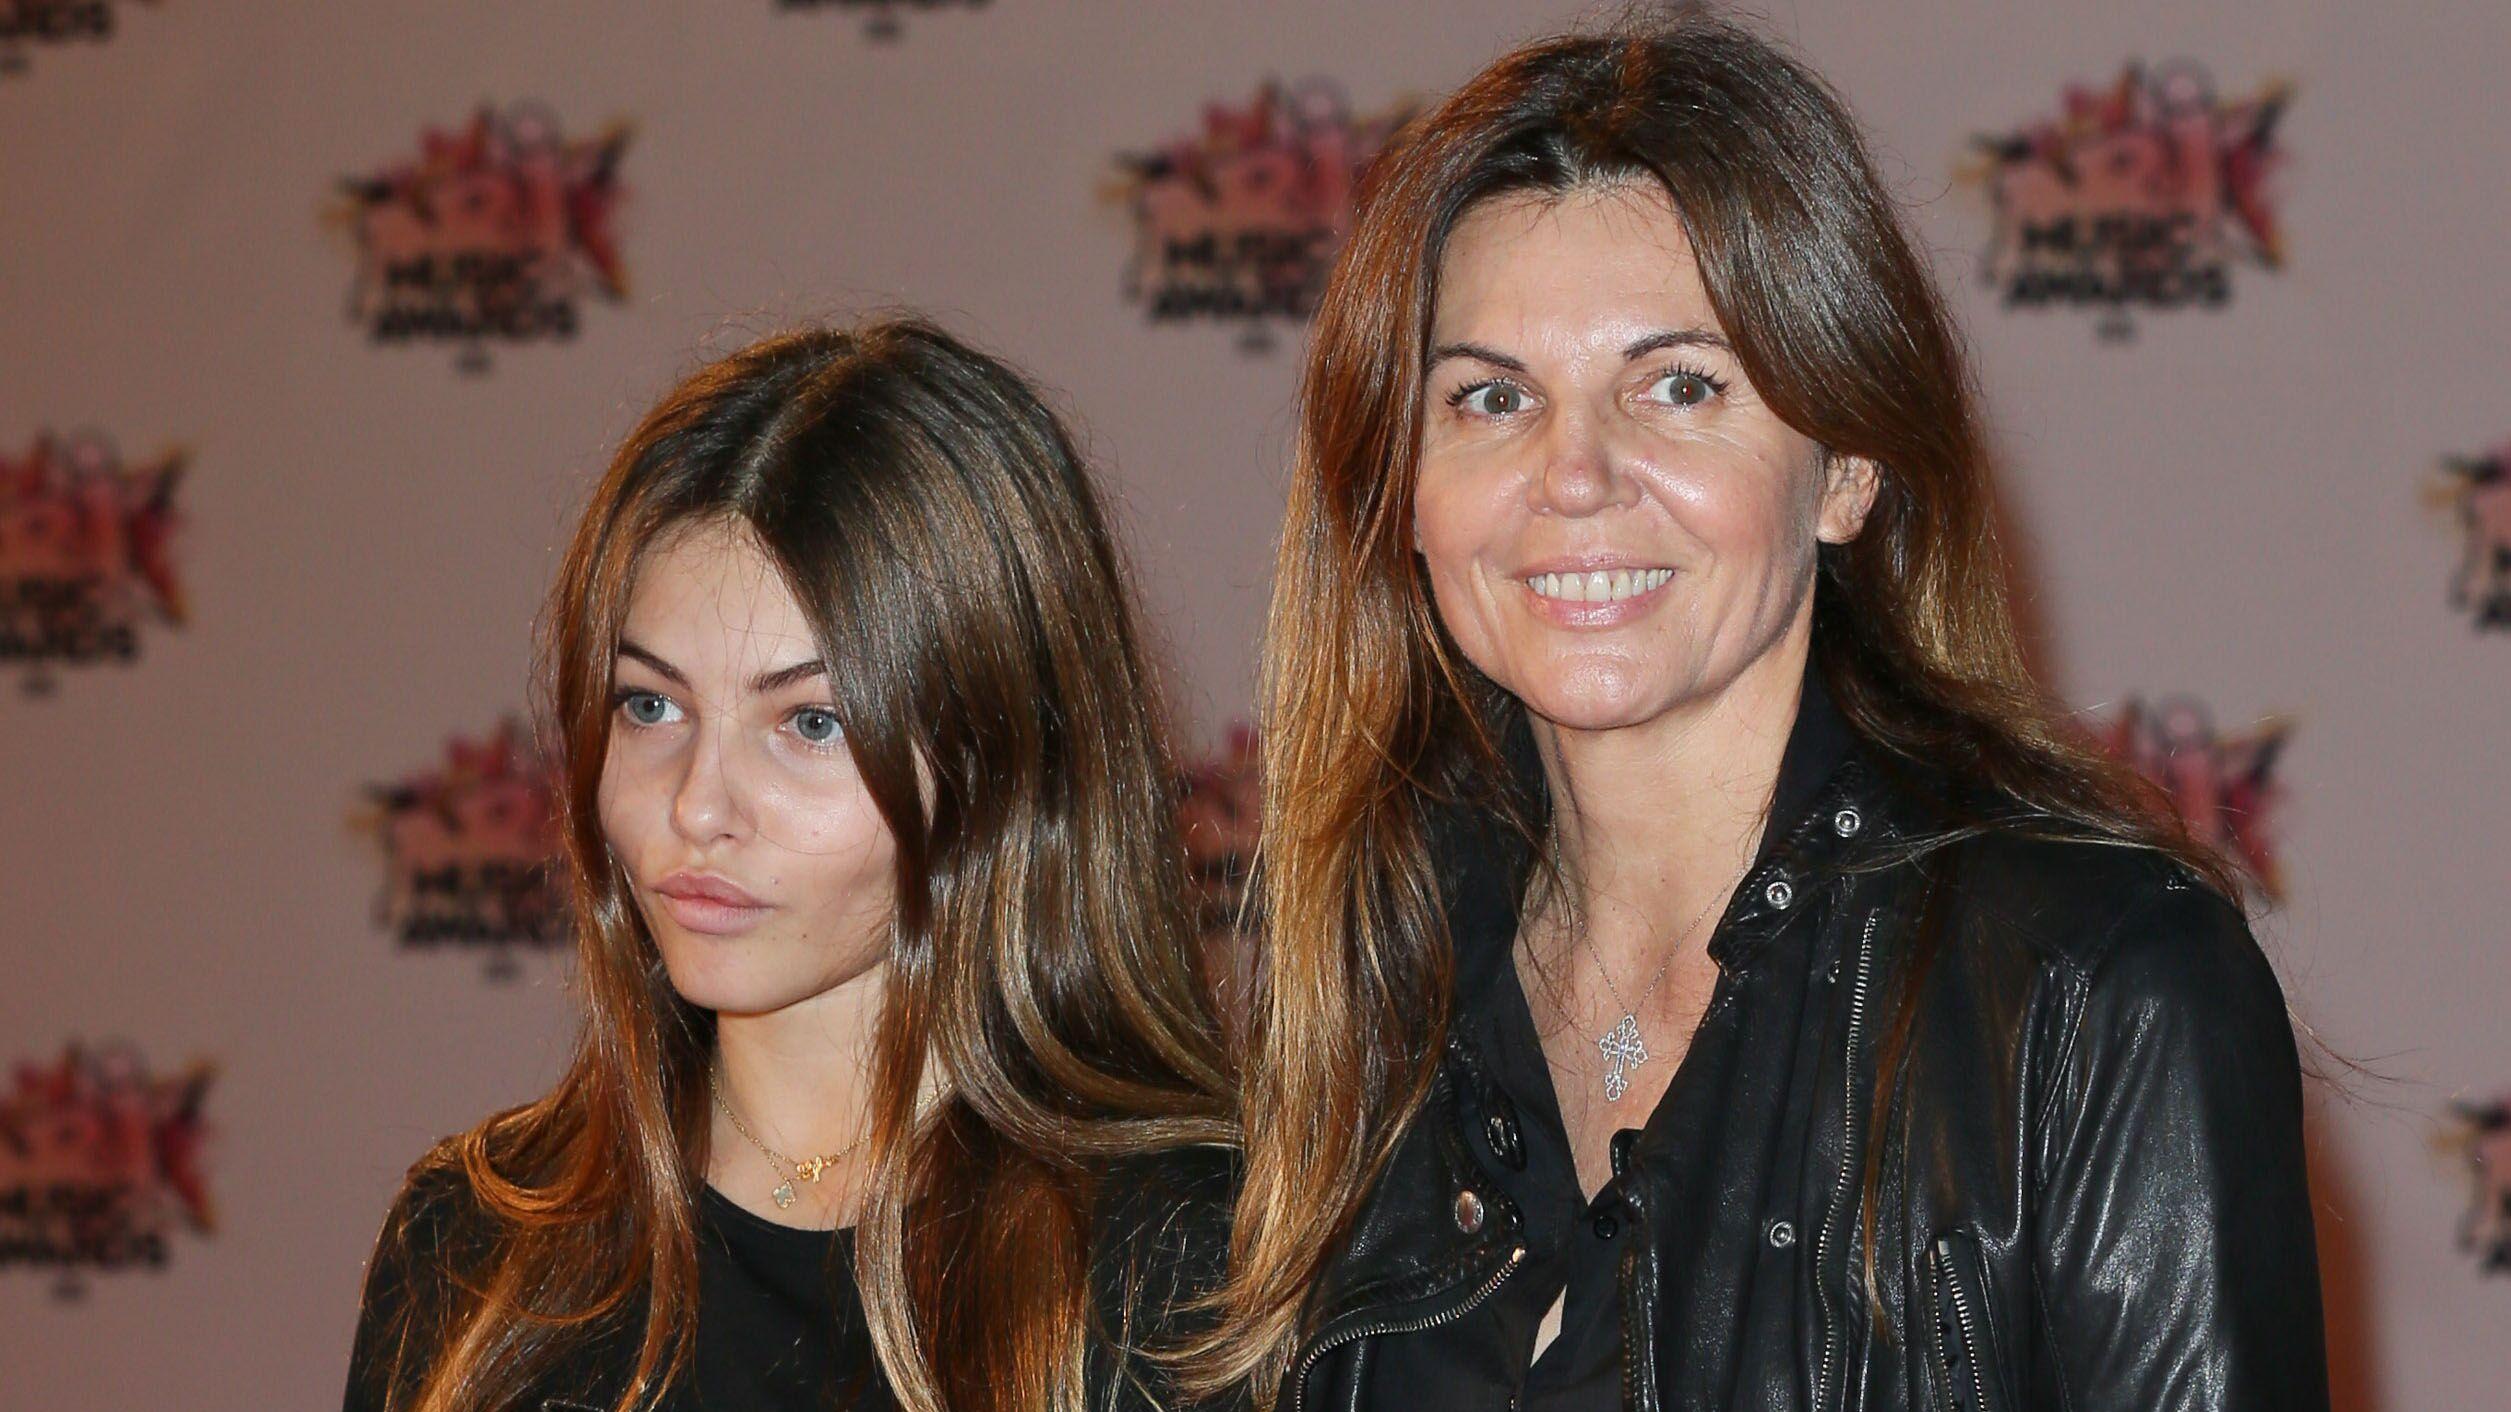 Véronika Loubry : sa fille Thylane fâchée avec son père Patrick Blondeau? Elle balance